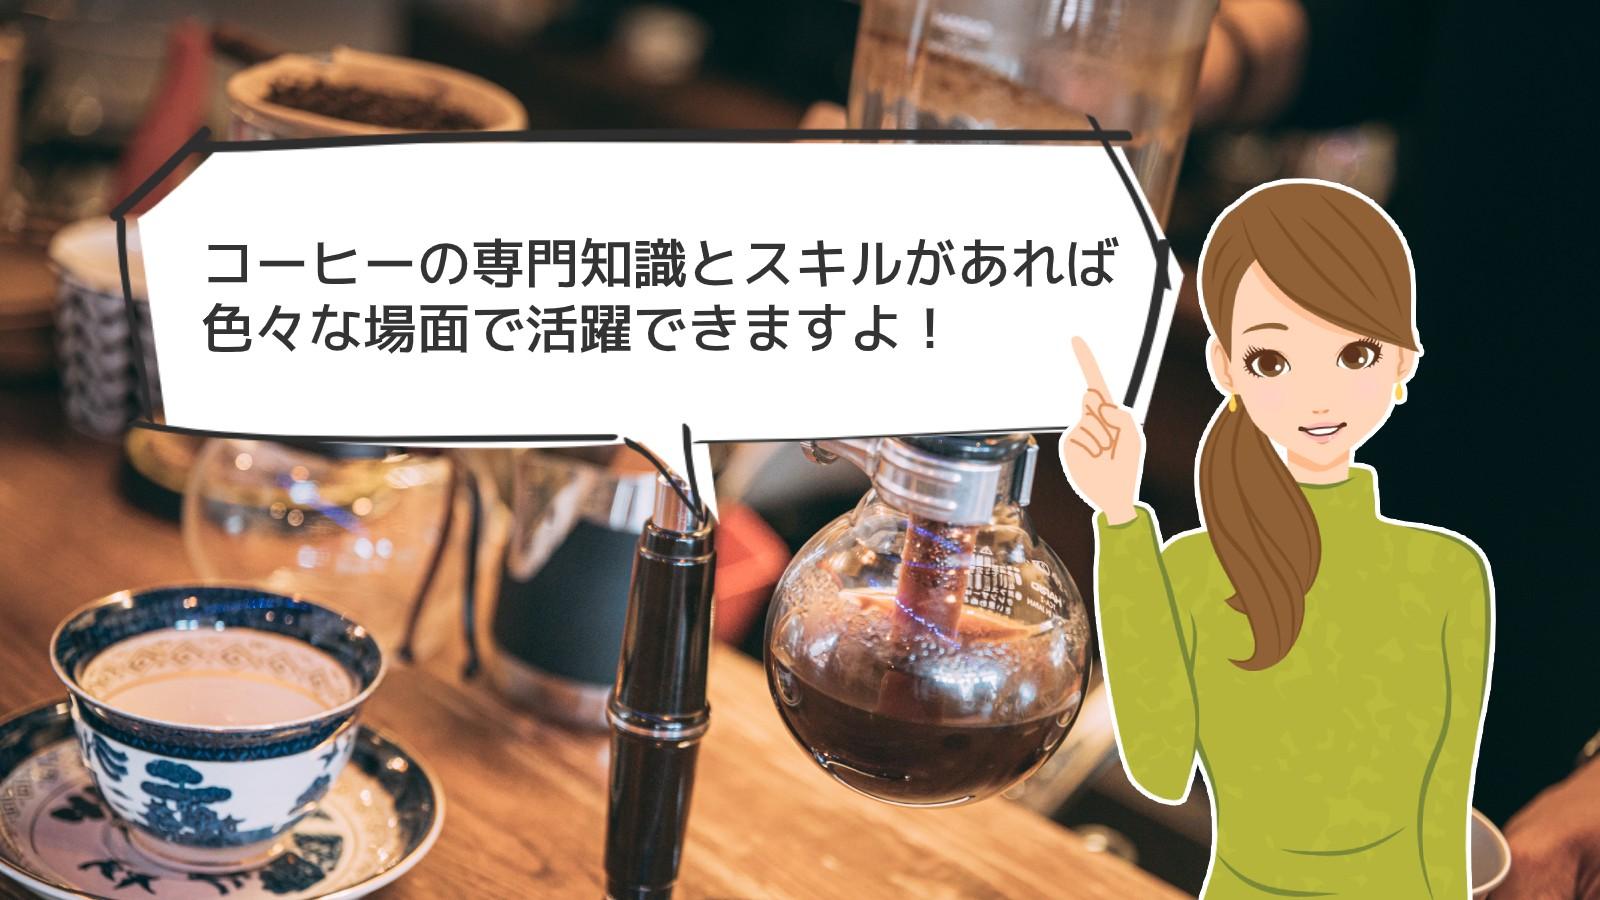 「コーヒーソムリエ資格」のアイキャッチ画像